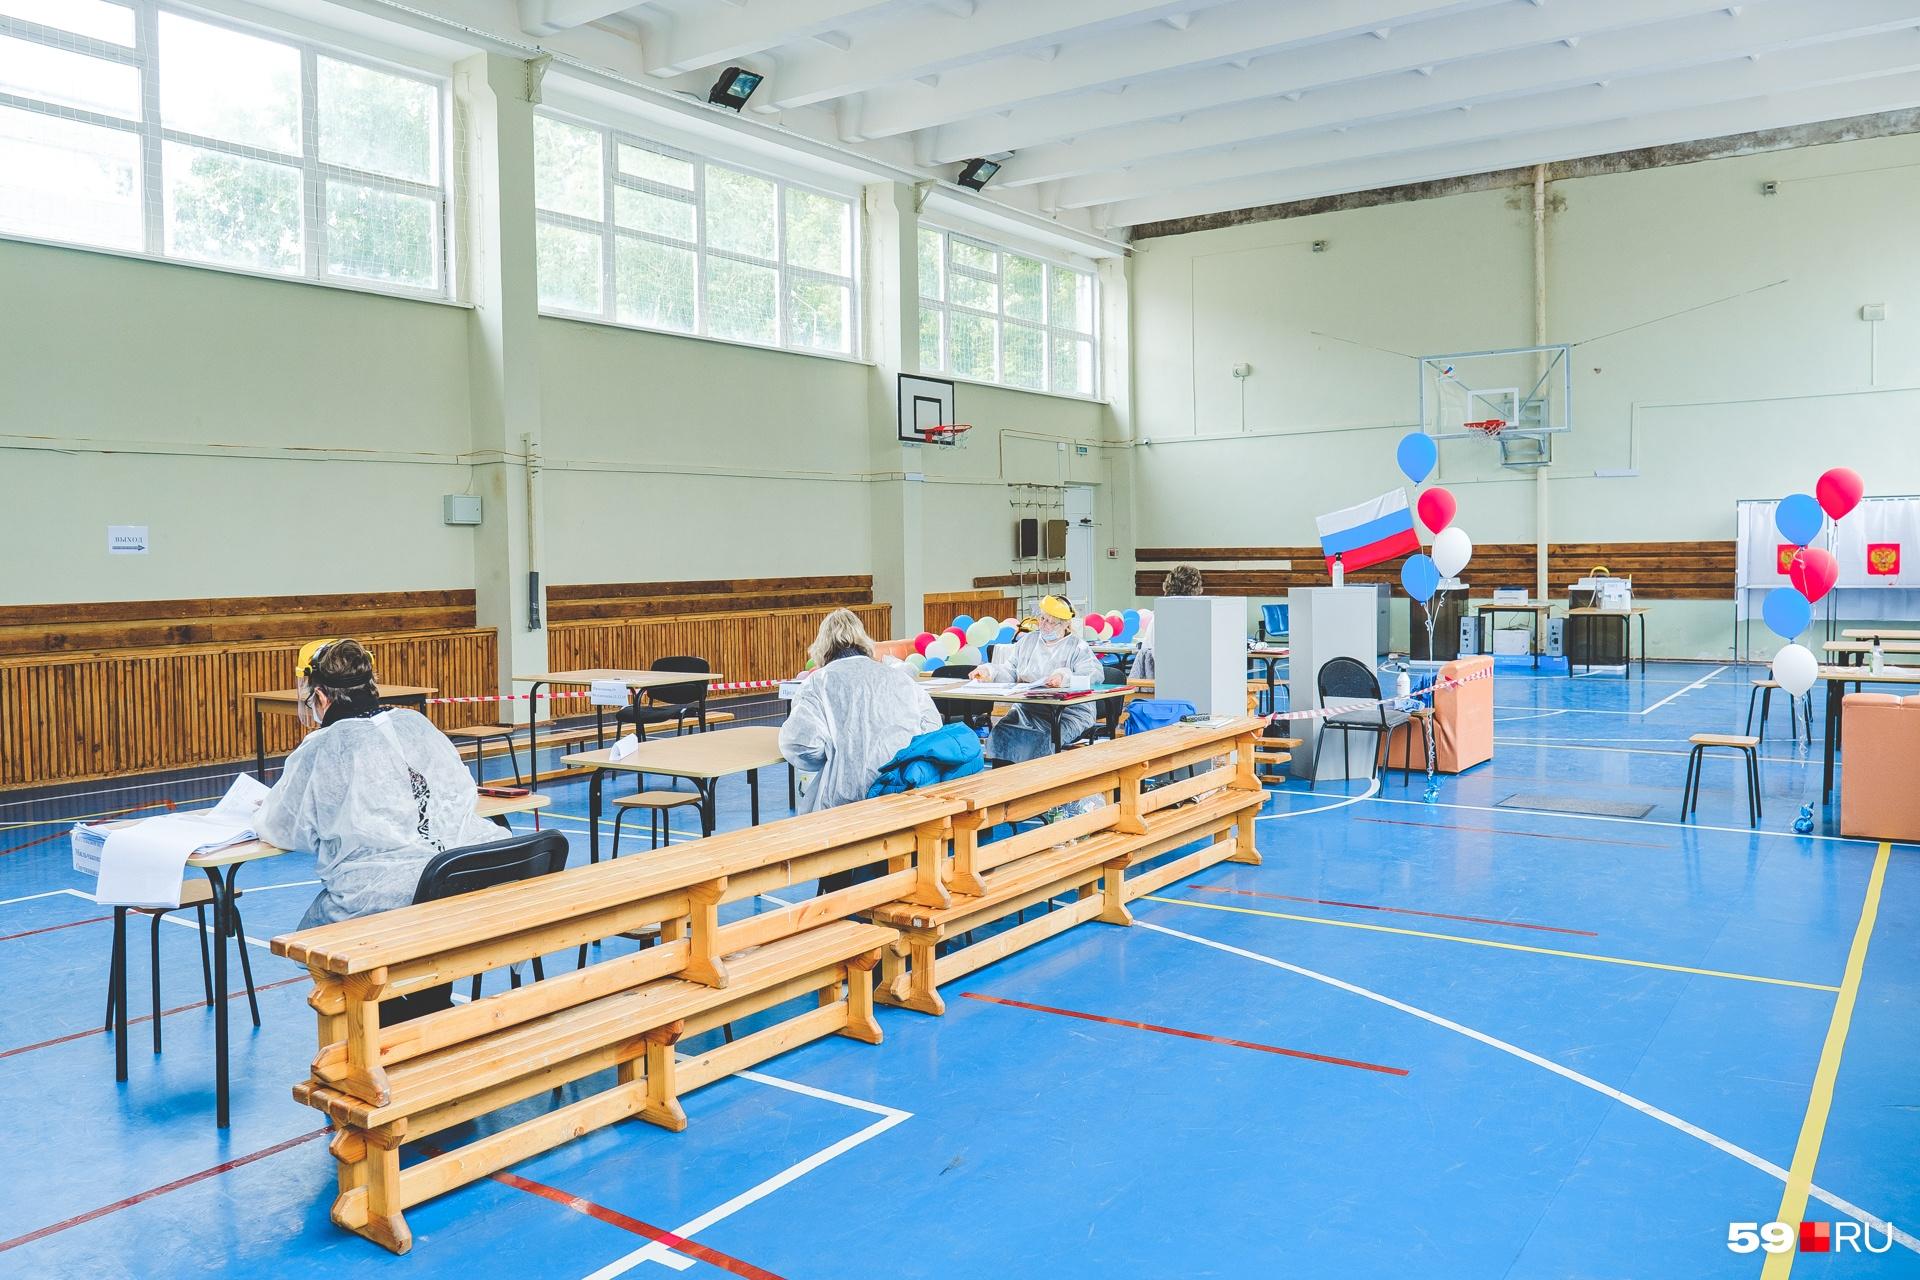 В школьном спортзале проще организовать голосование на безопасном расстоянии